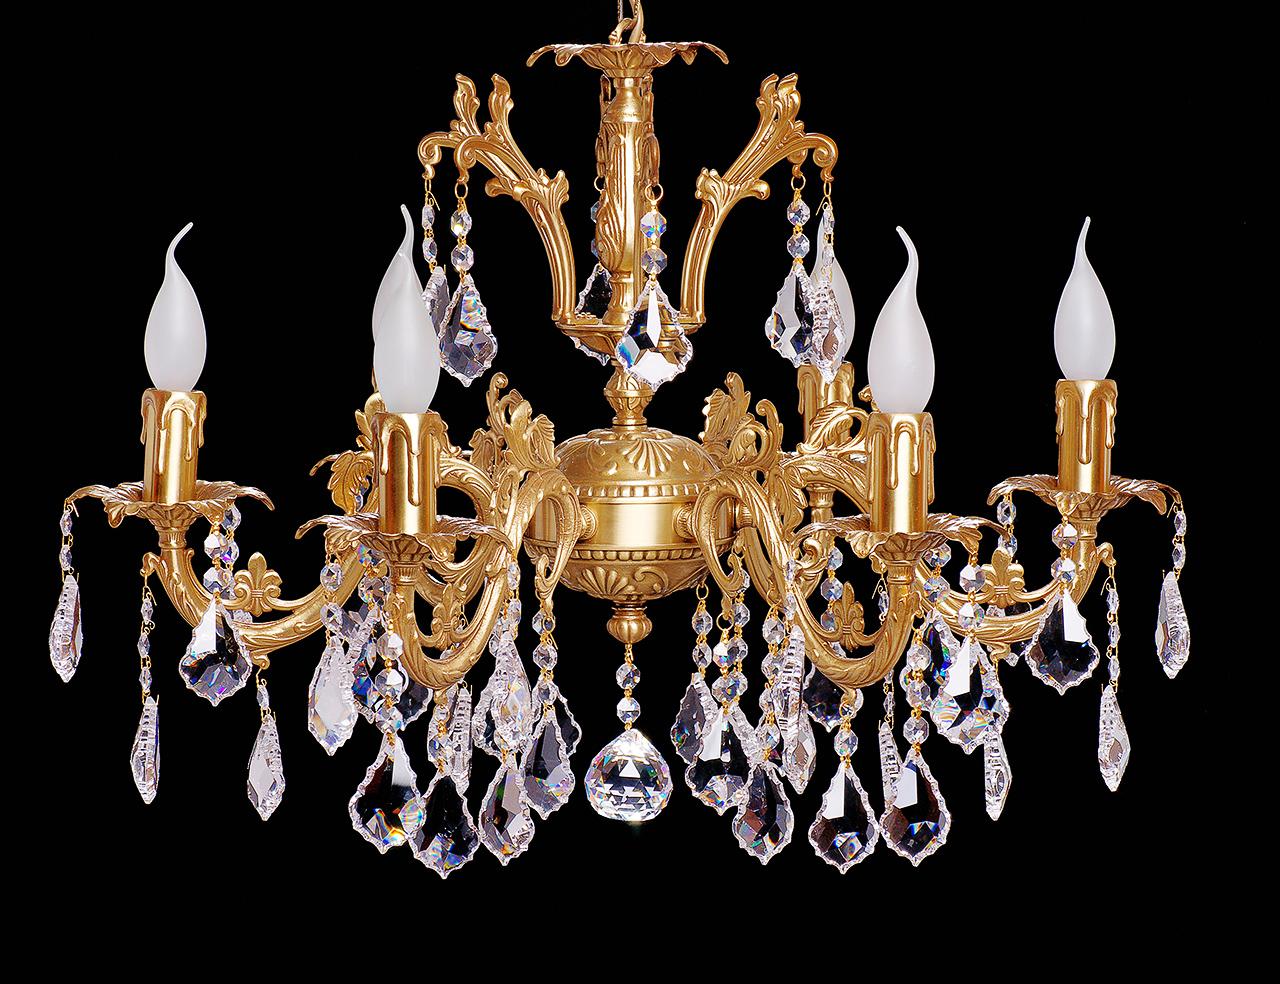 светильники с лампочками-свечками http://color-foto.com